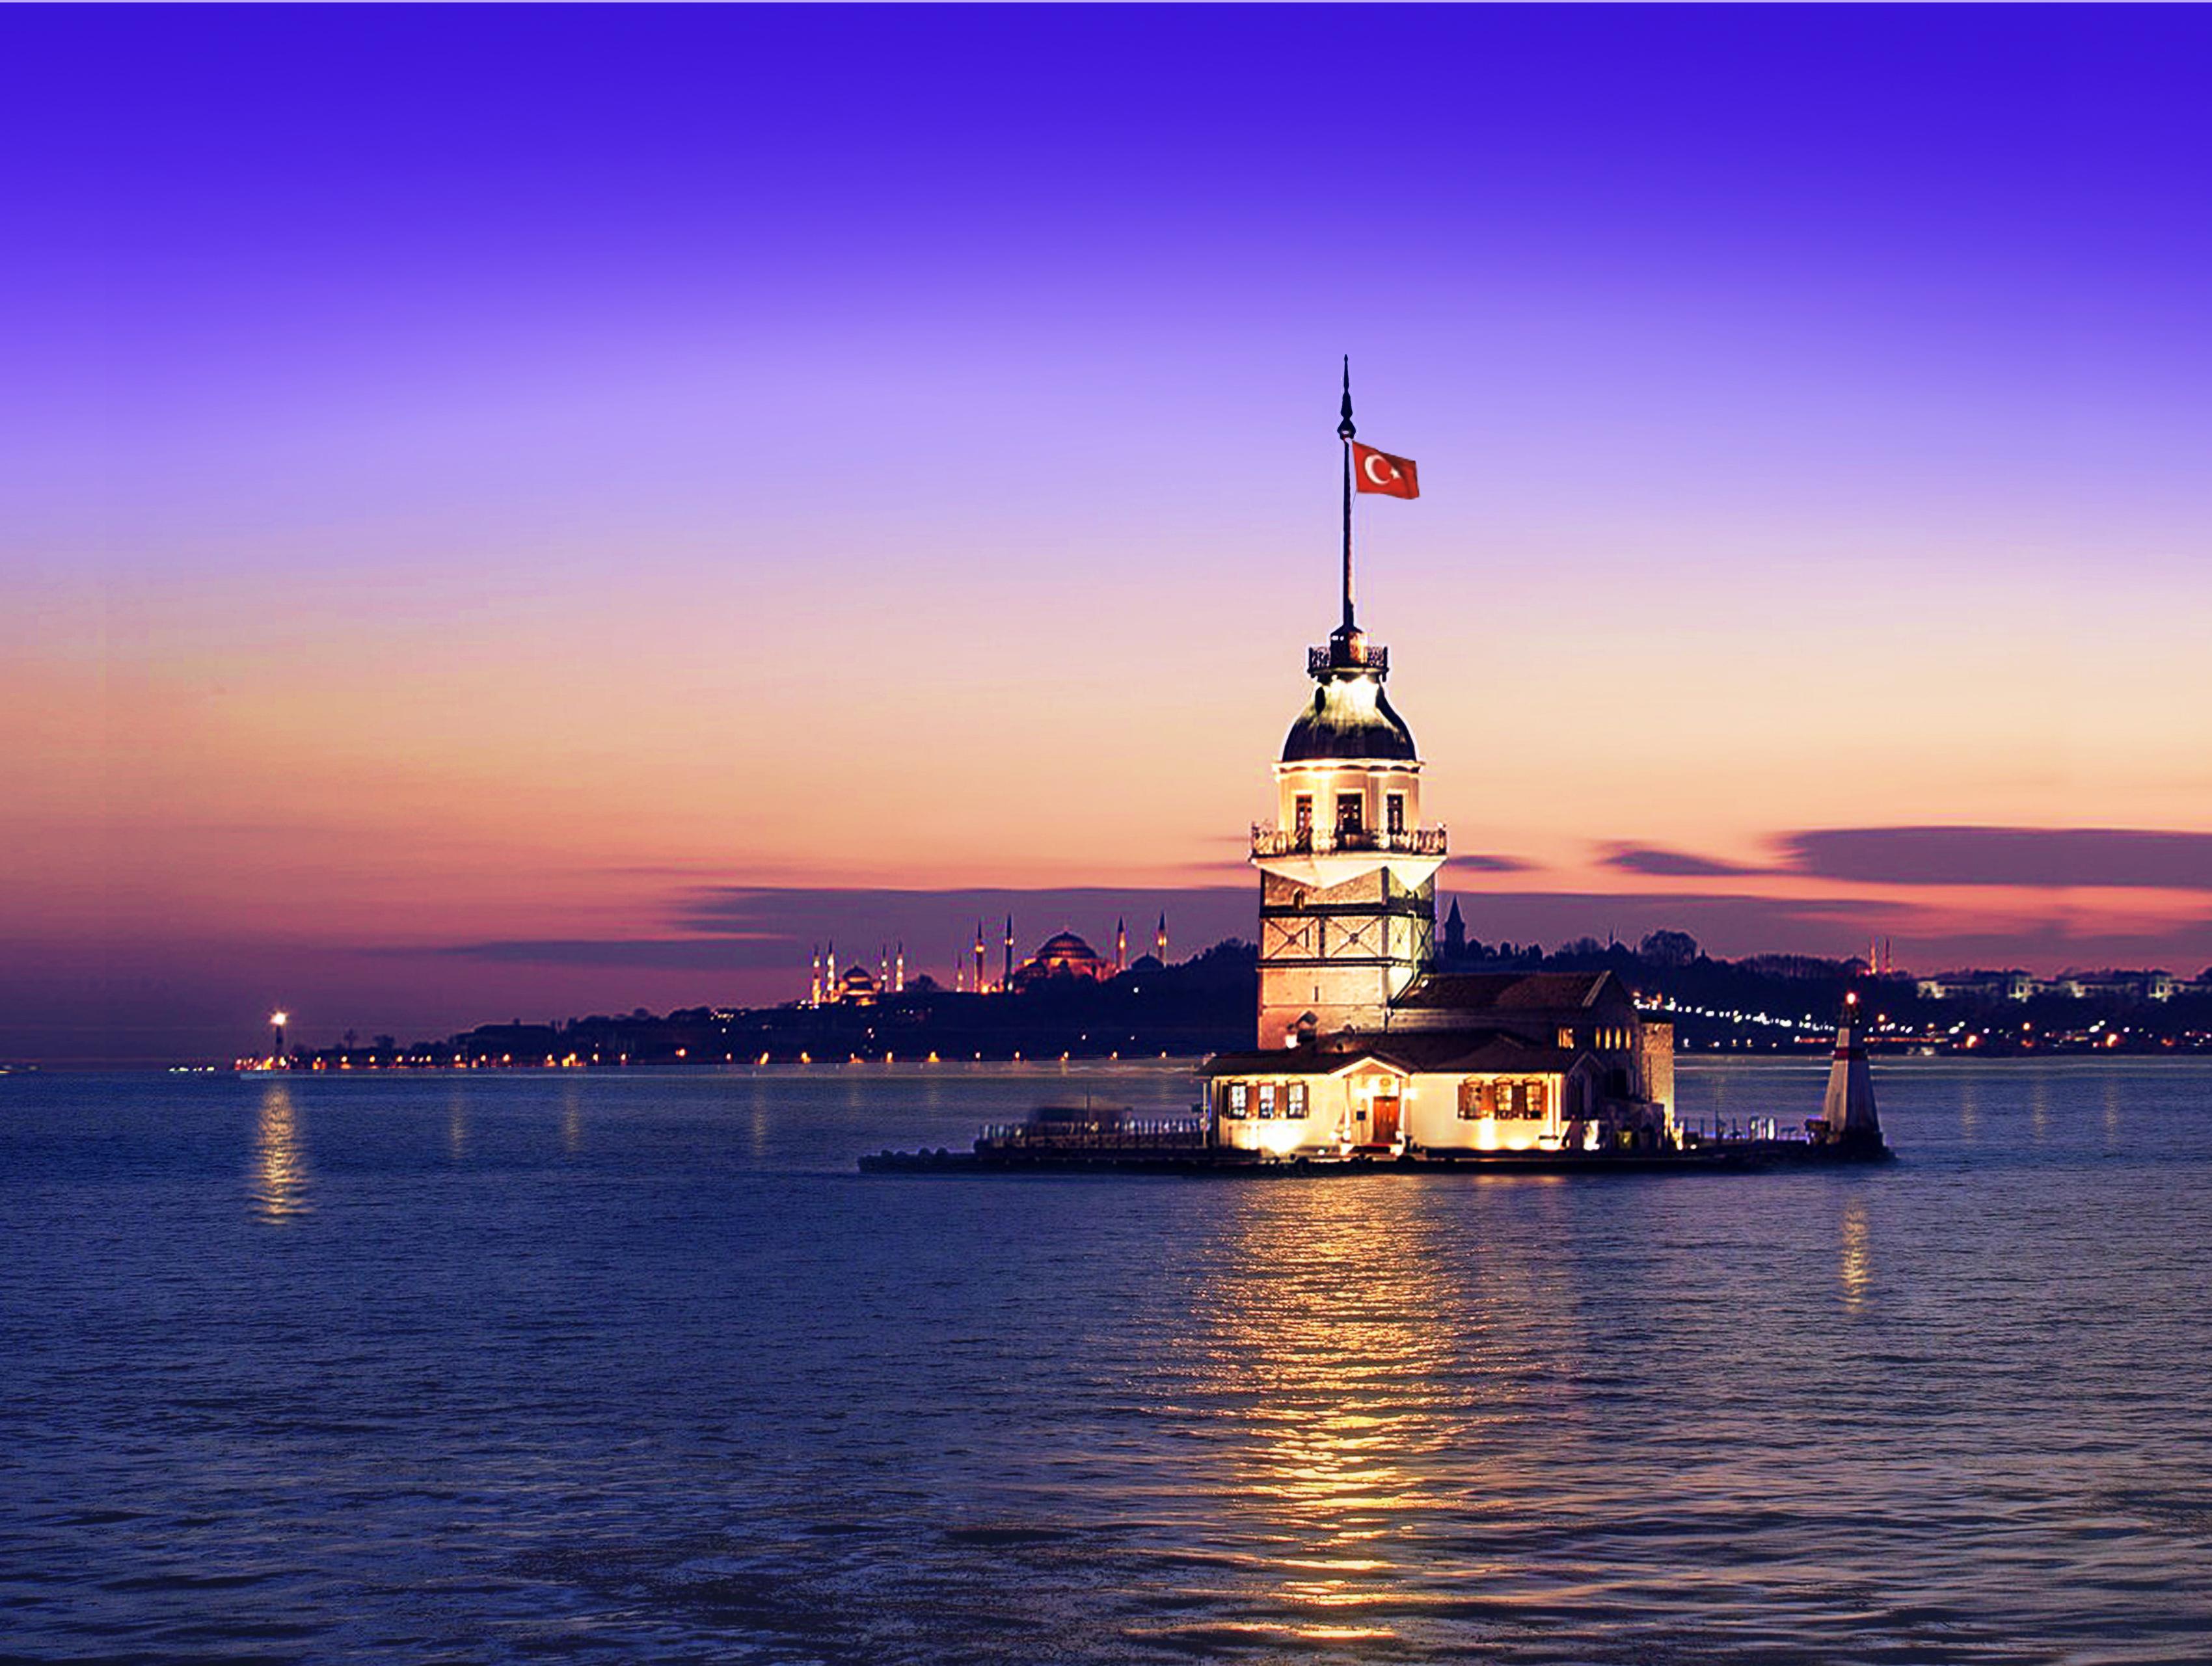 Prepara la cámara y fotografía uno de los perfiles urbanos más bellos del mundo - Turquía Circuito Estambul y Grecia Clásica